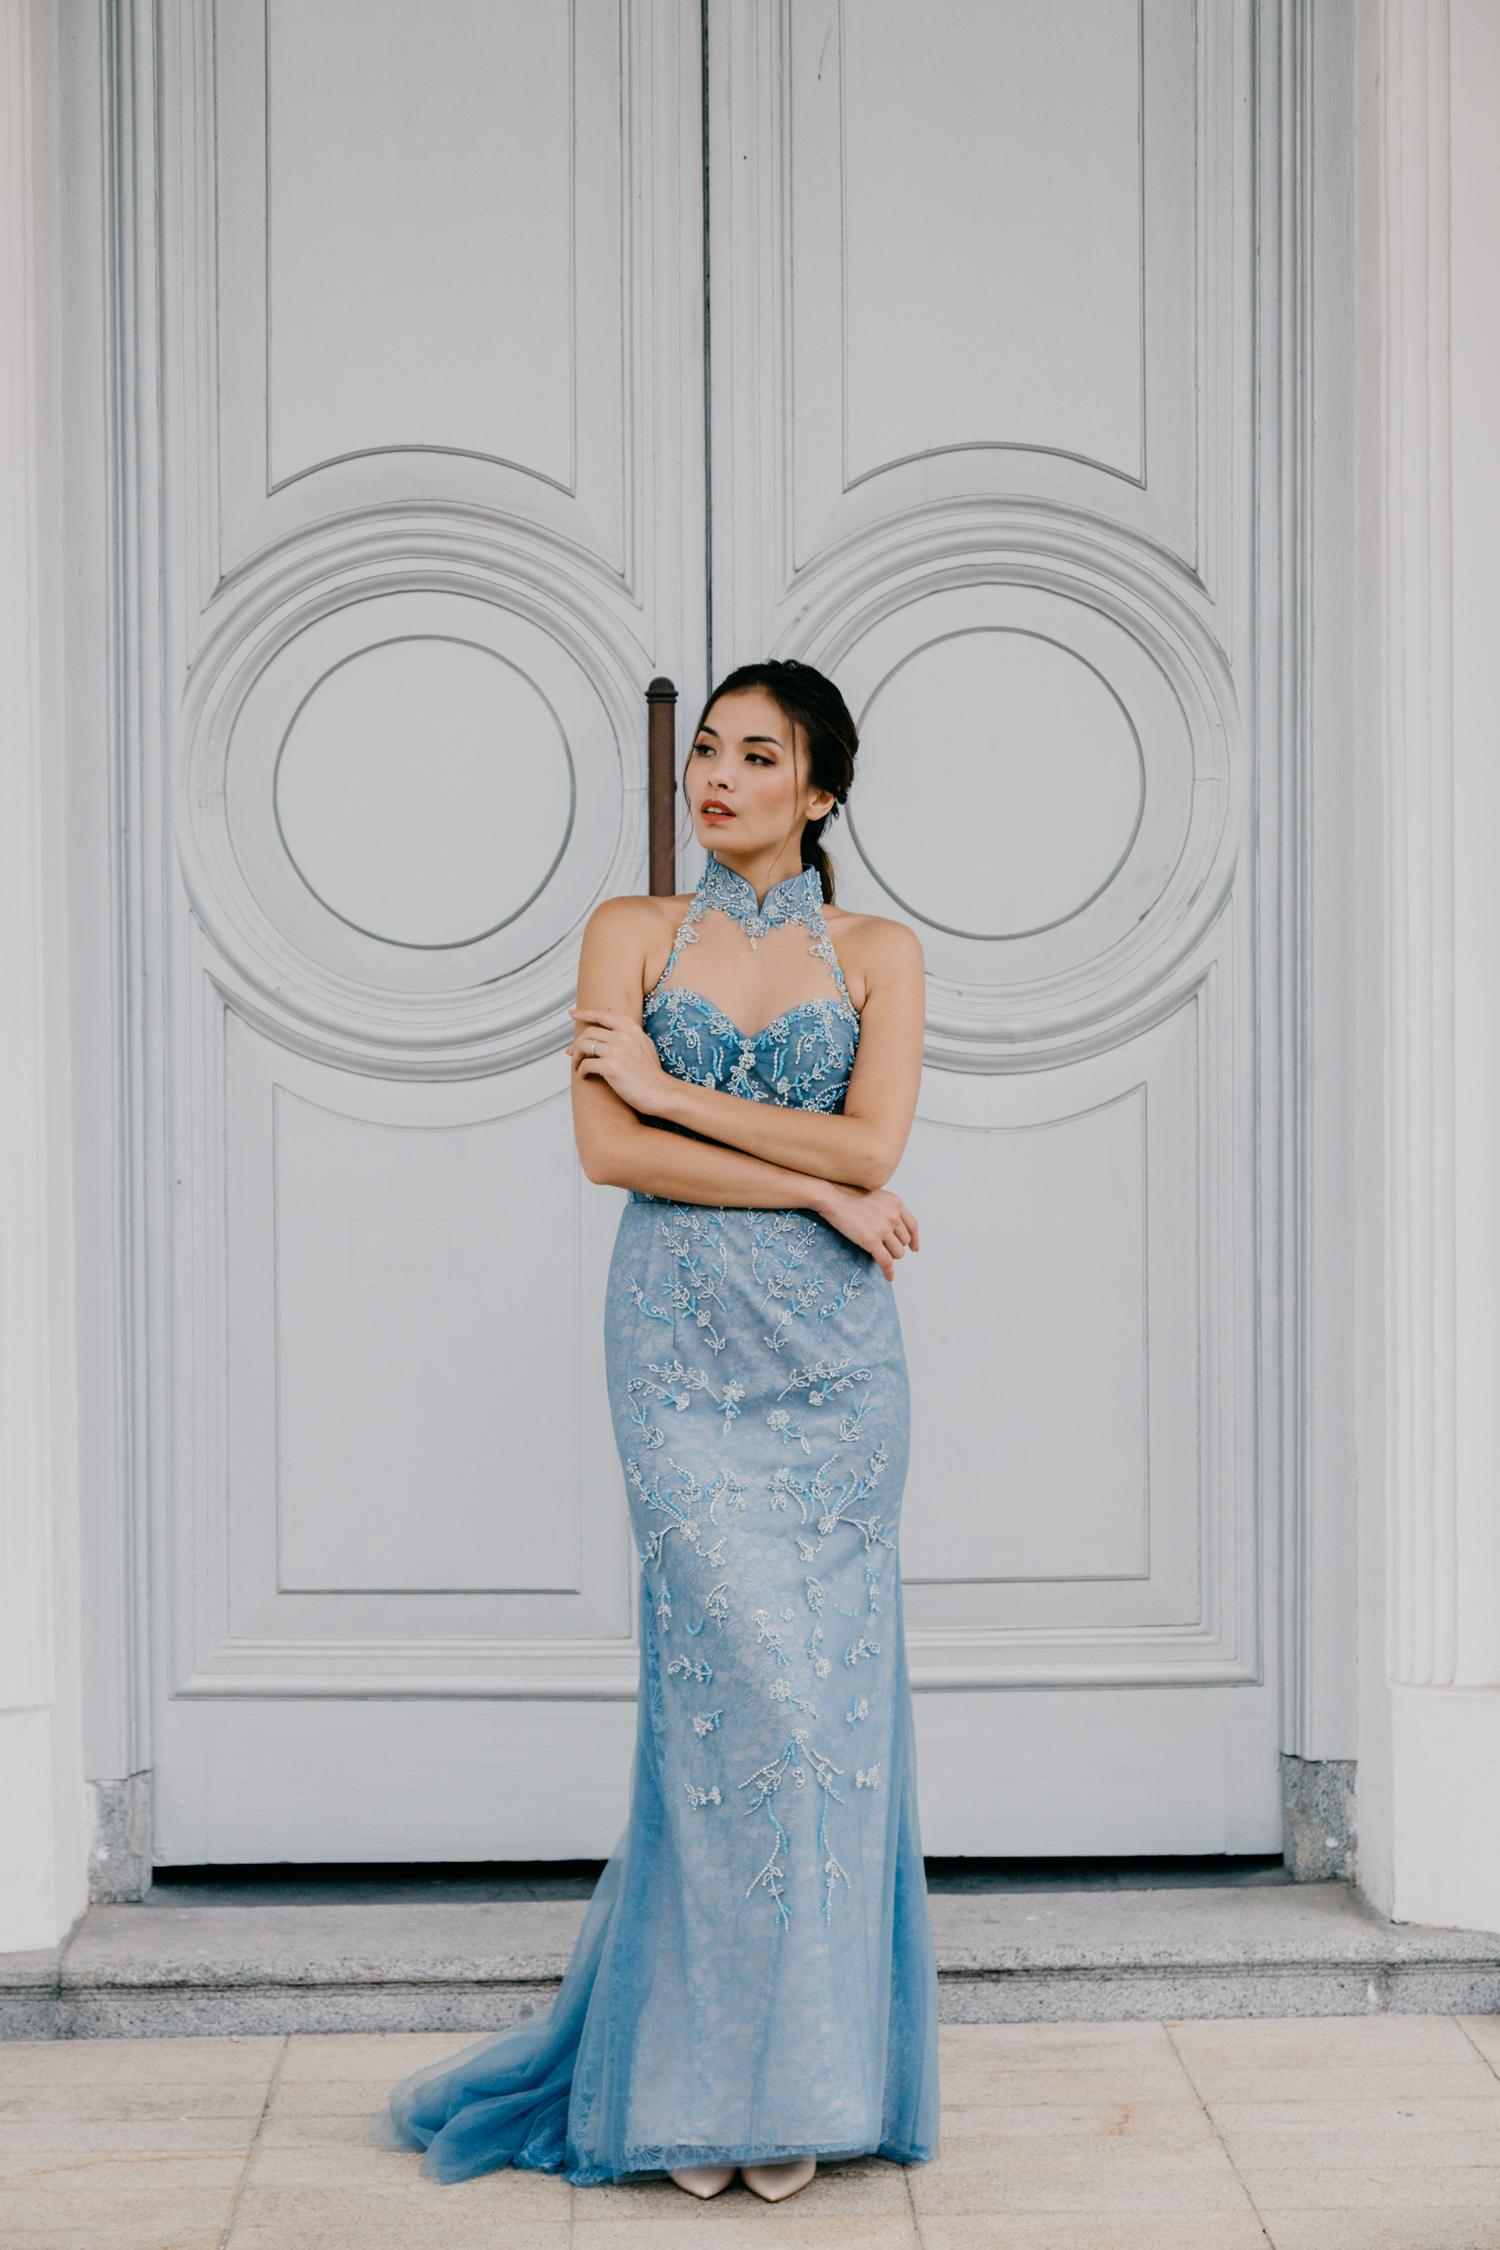 Light blue cheongsam by CCM Wedding